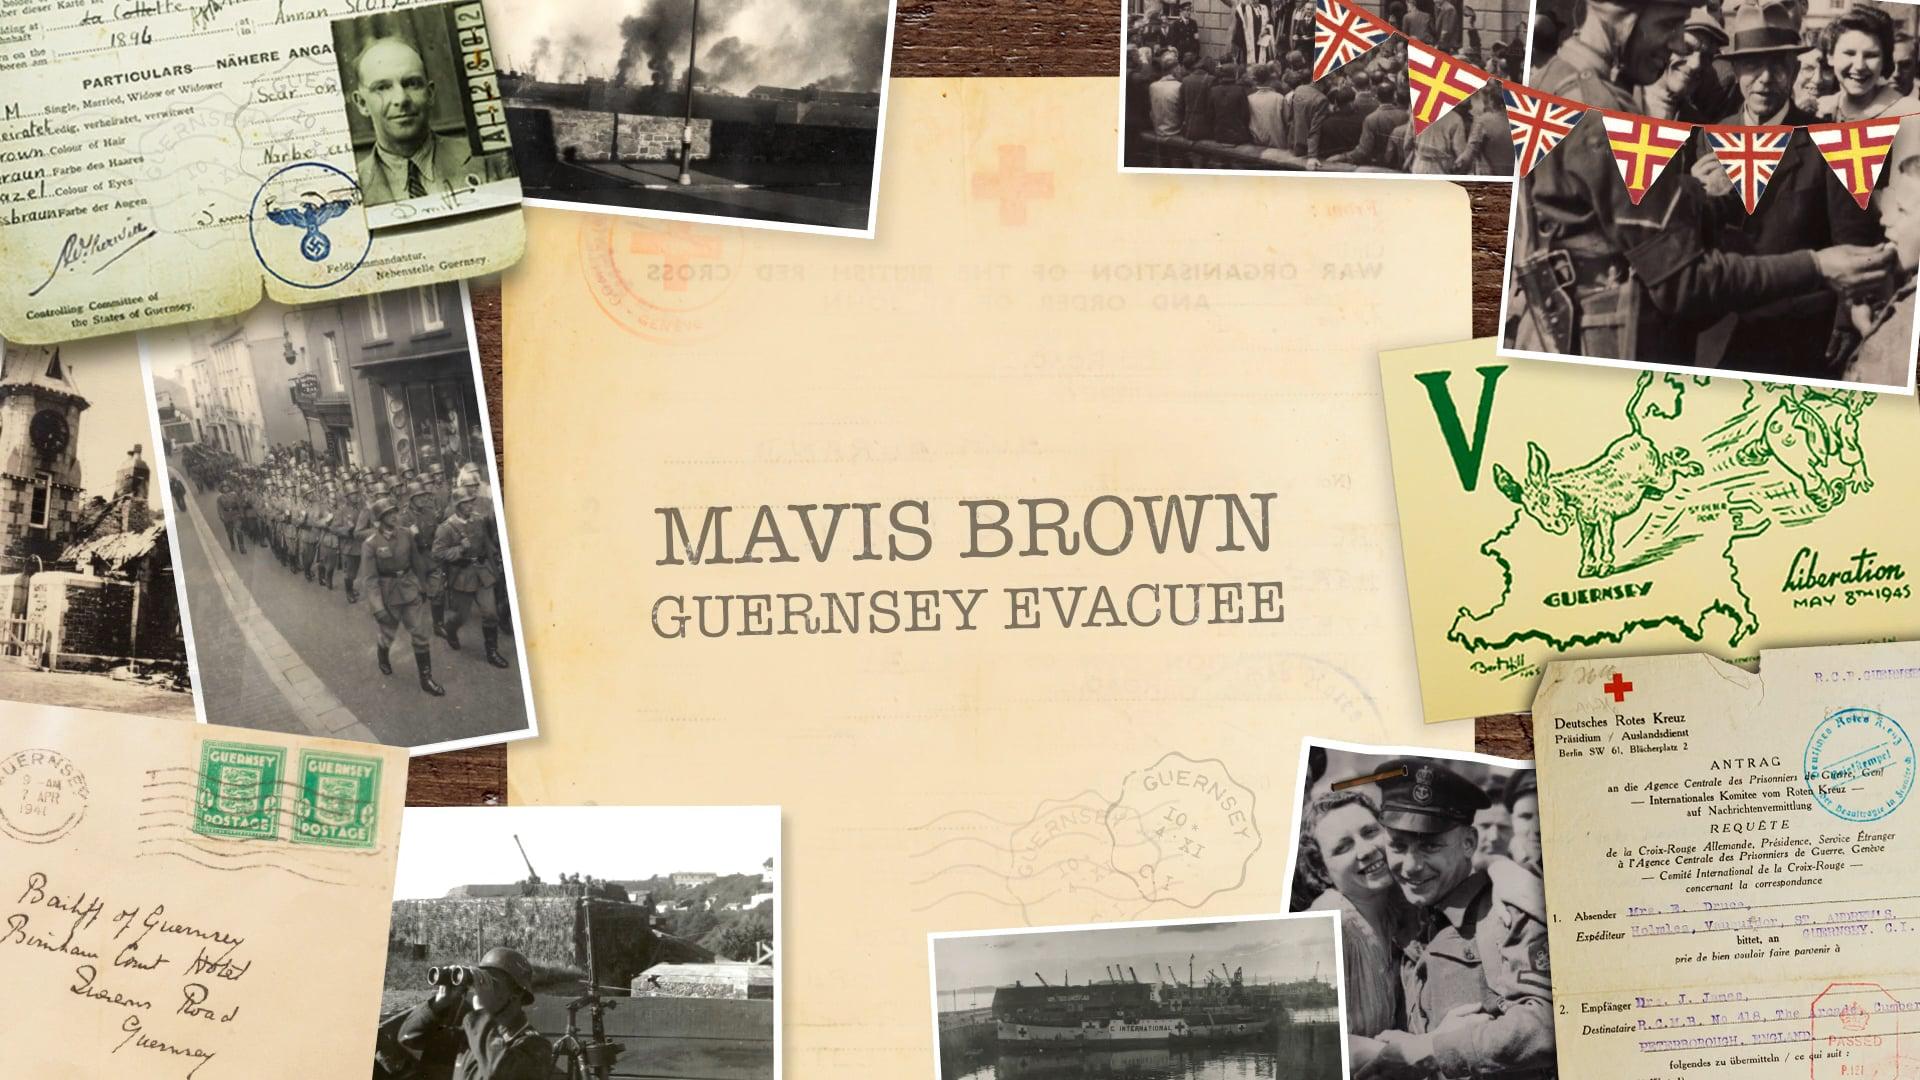 Evacuee Films - Mavis Brown